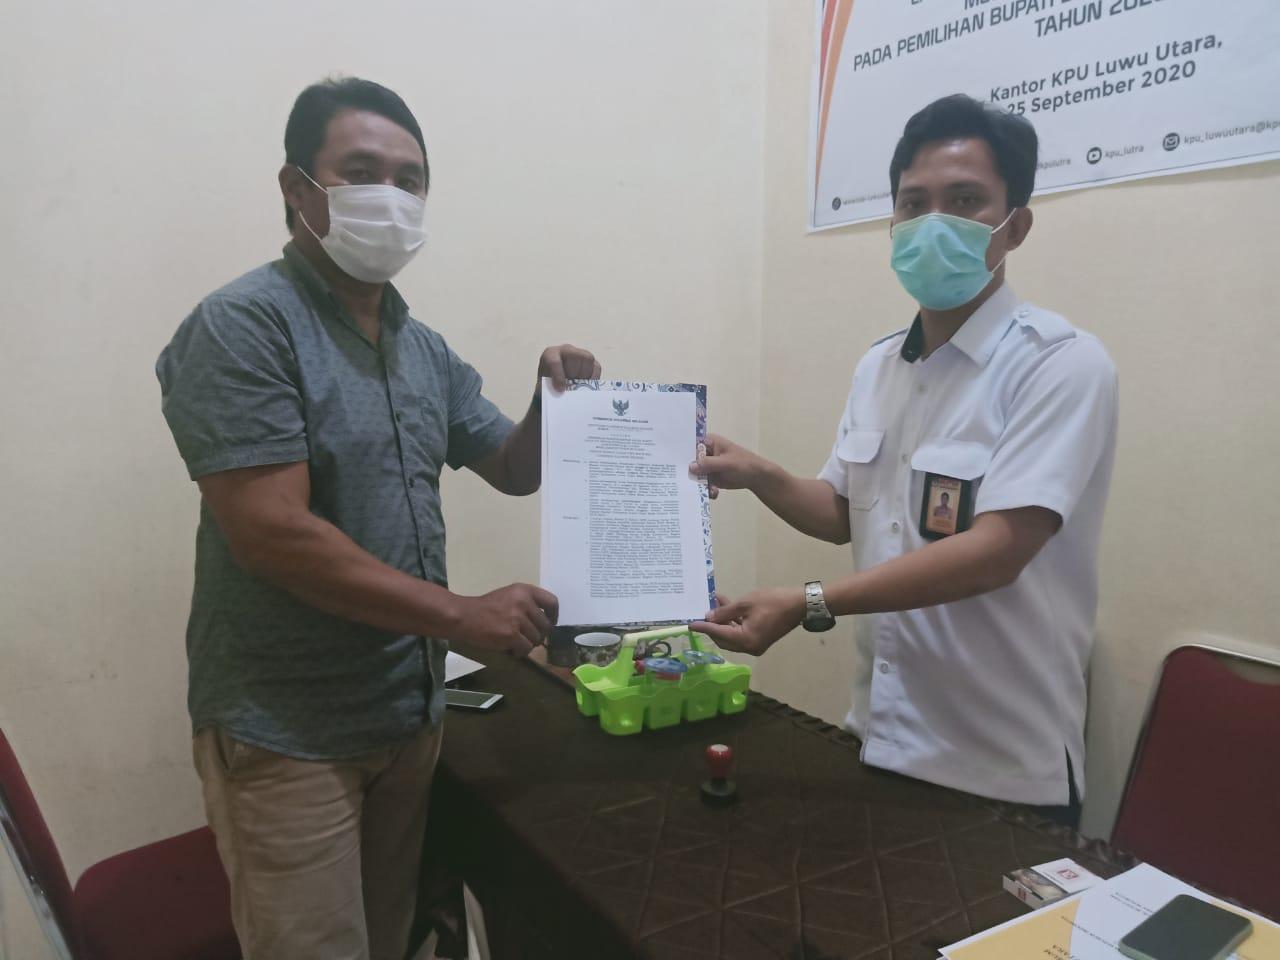 LO Pasangan MTR-RL Serahkan Surat PAW Rahmat Laguni Ke KPU Luwu Utara